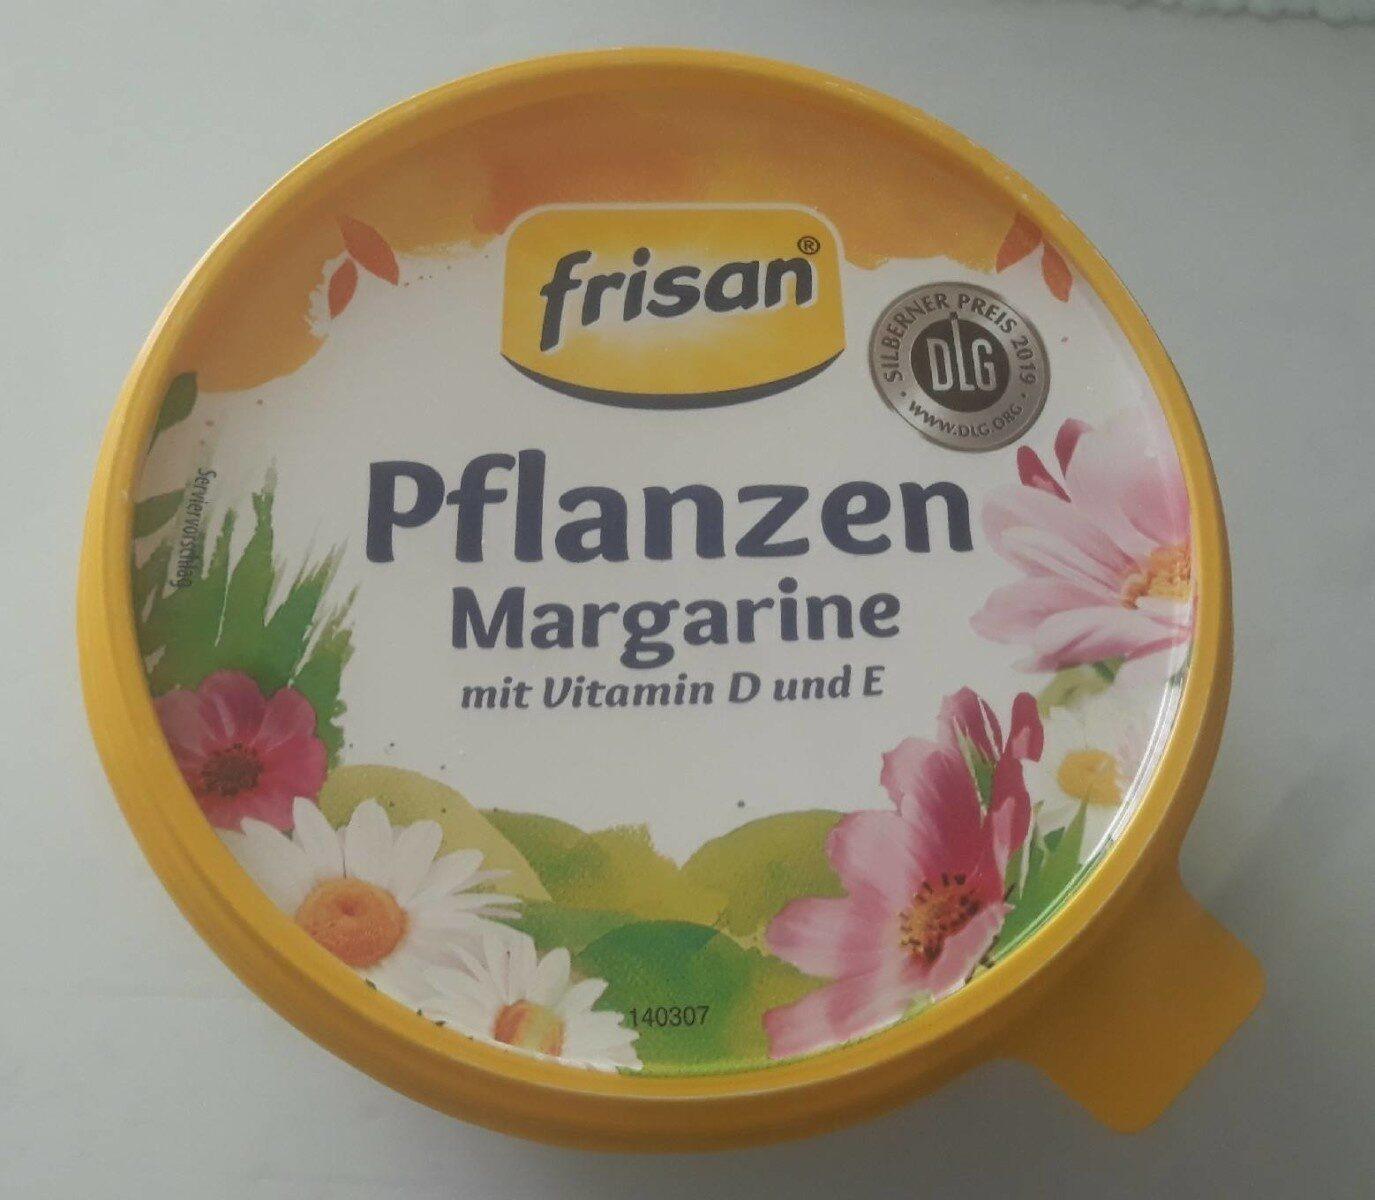 Pflanzen Margarine - Prodotto - de